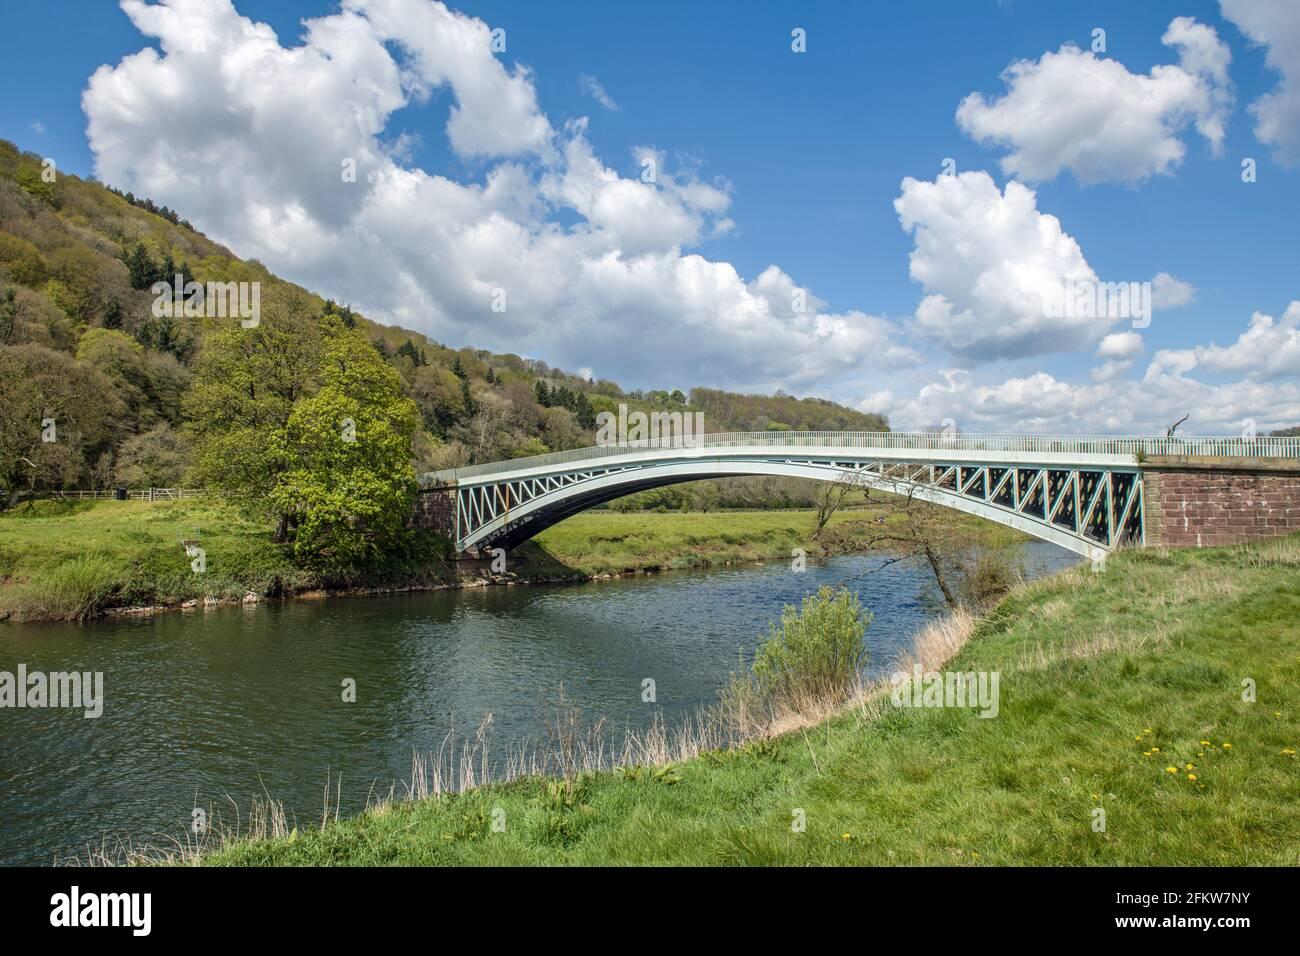 Puente Bigsweir sobre el río Wye desde Gales (A la izquierda) a Inglaterra (a la derecha) Foto de stock